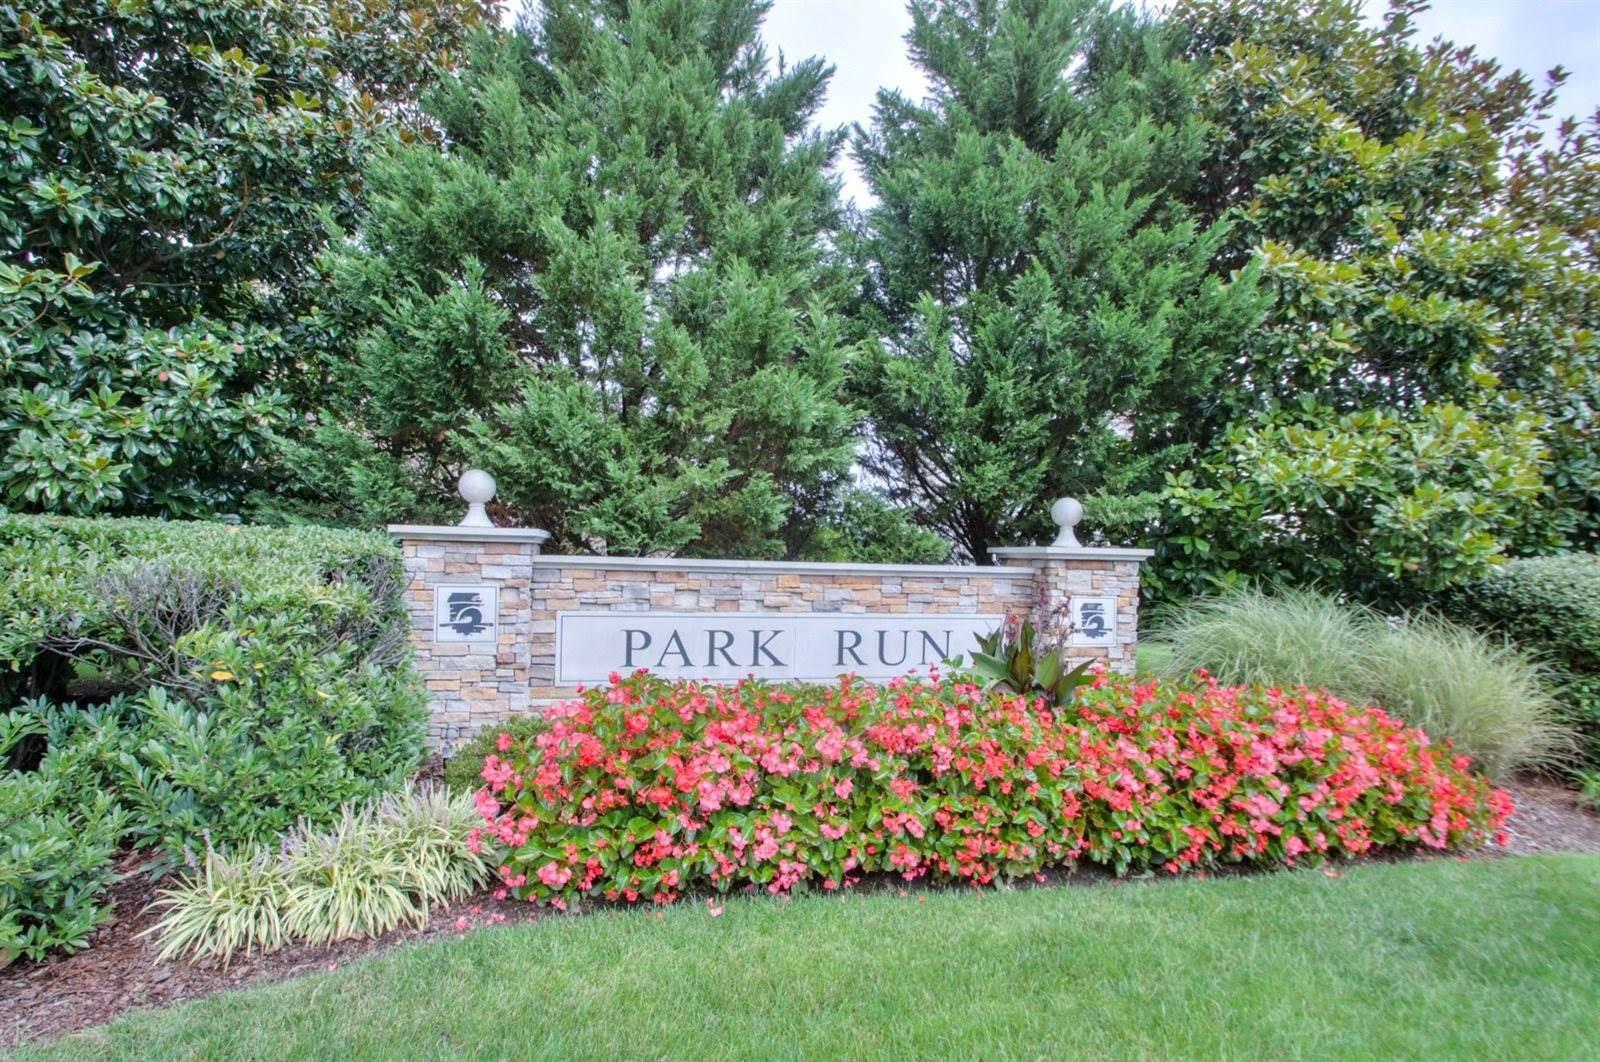 1207 Park Run Dr, Franklin, TN 37067